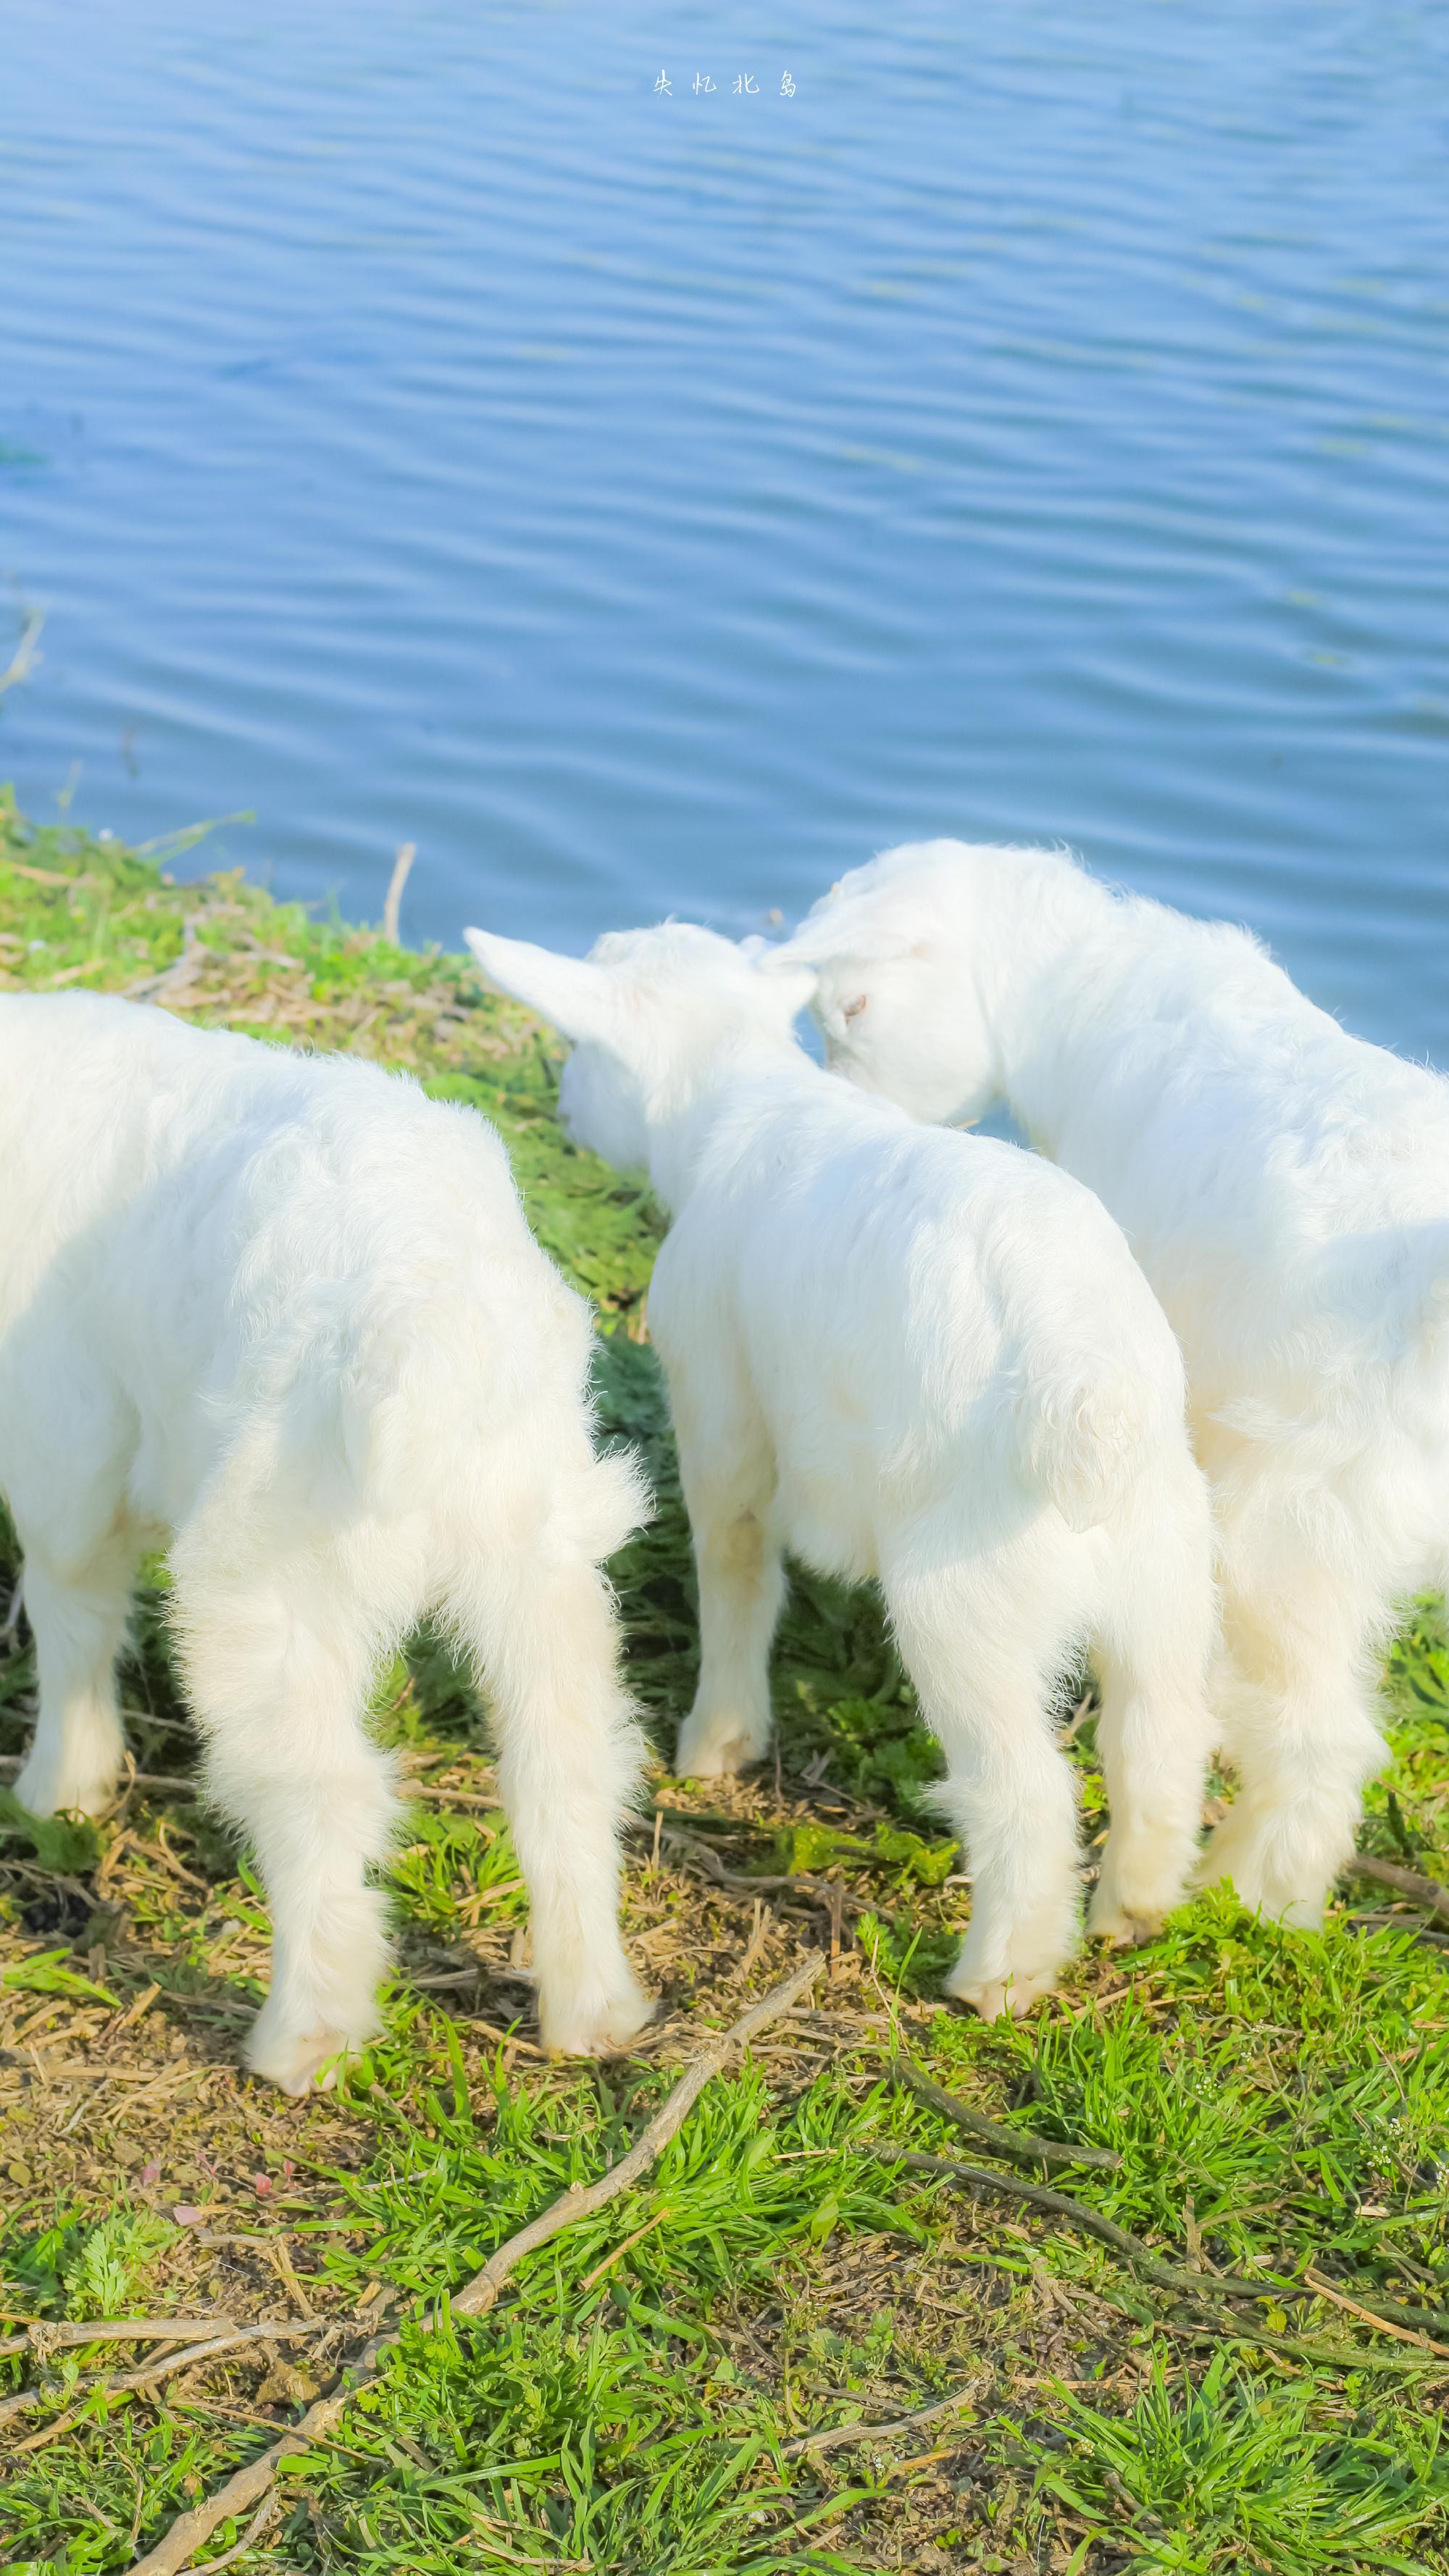 小羊与油菜花在春天的碰面 by@失忆北岛